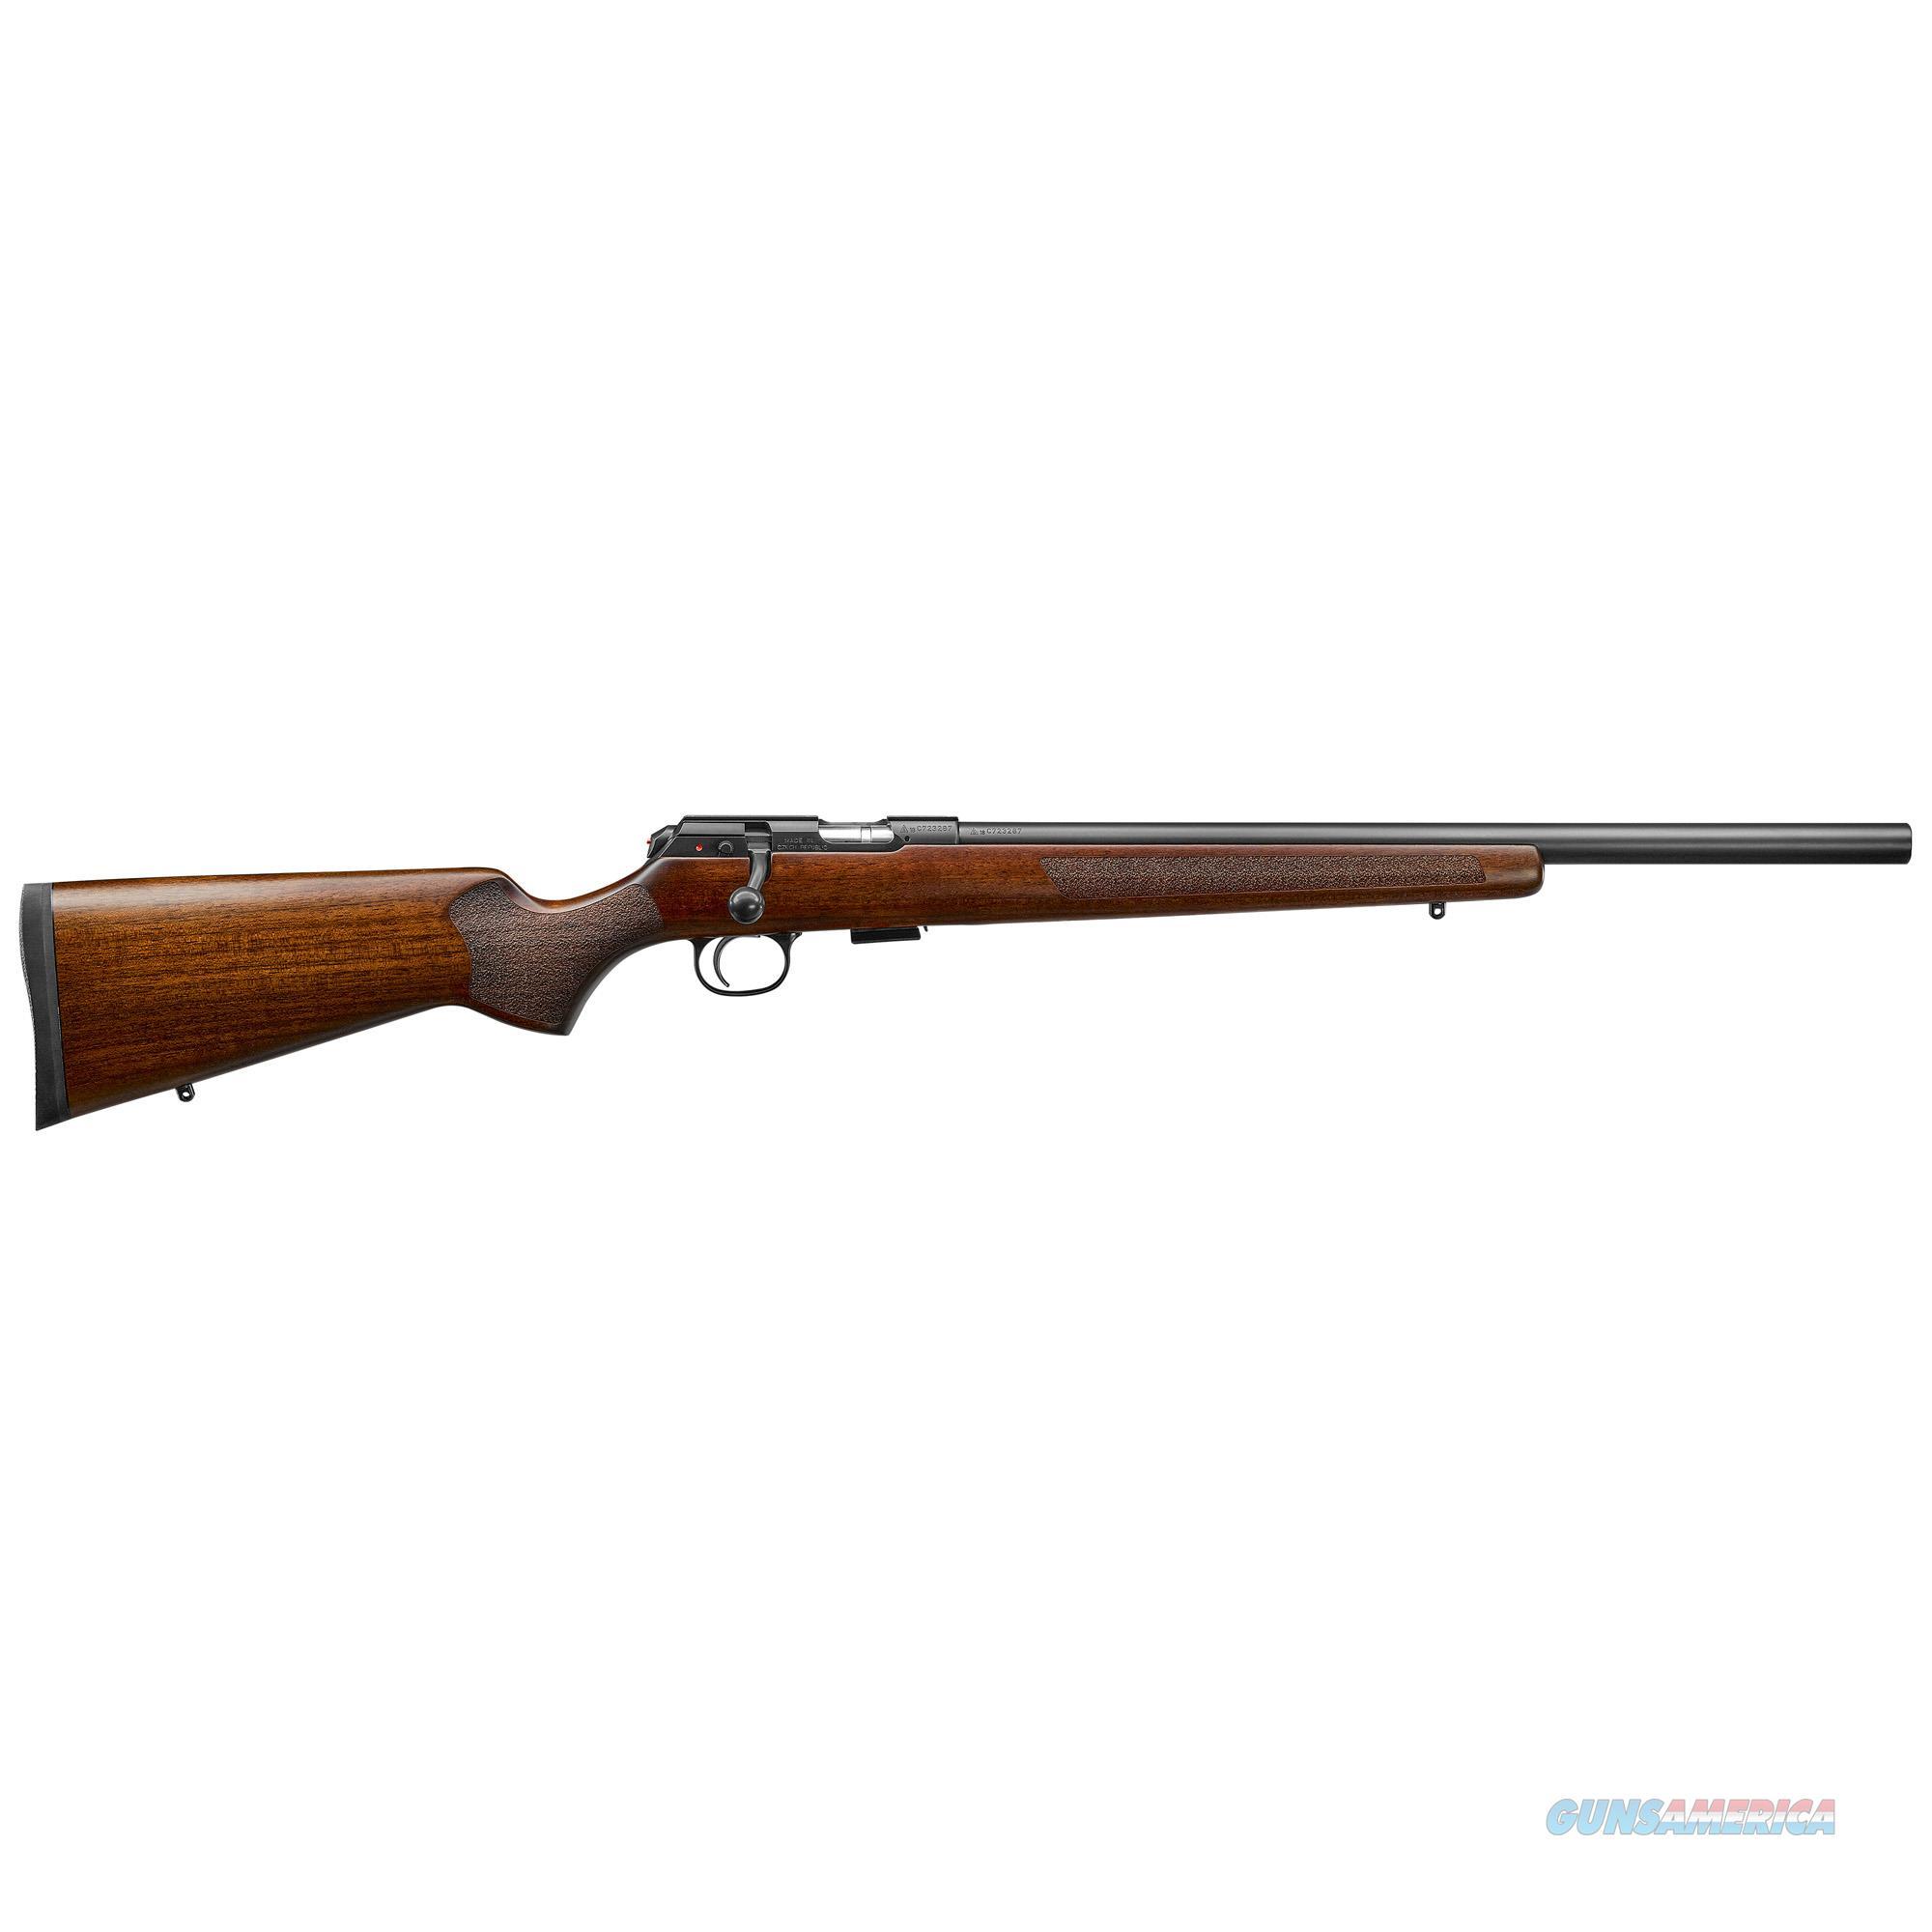 Cz Cz 457, Cz 02341 457 Varmint  22wmr  Guns > Pistols > 1911 Pistol Copies (non-Colt)